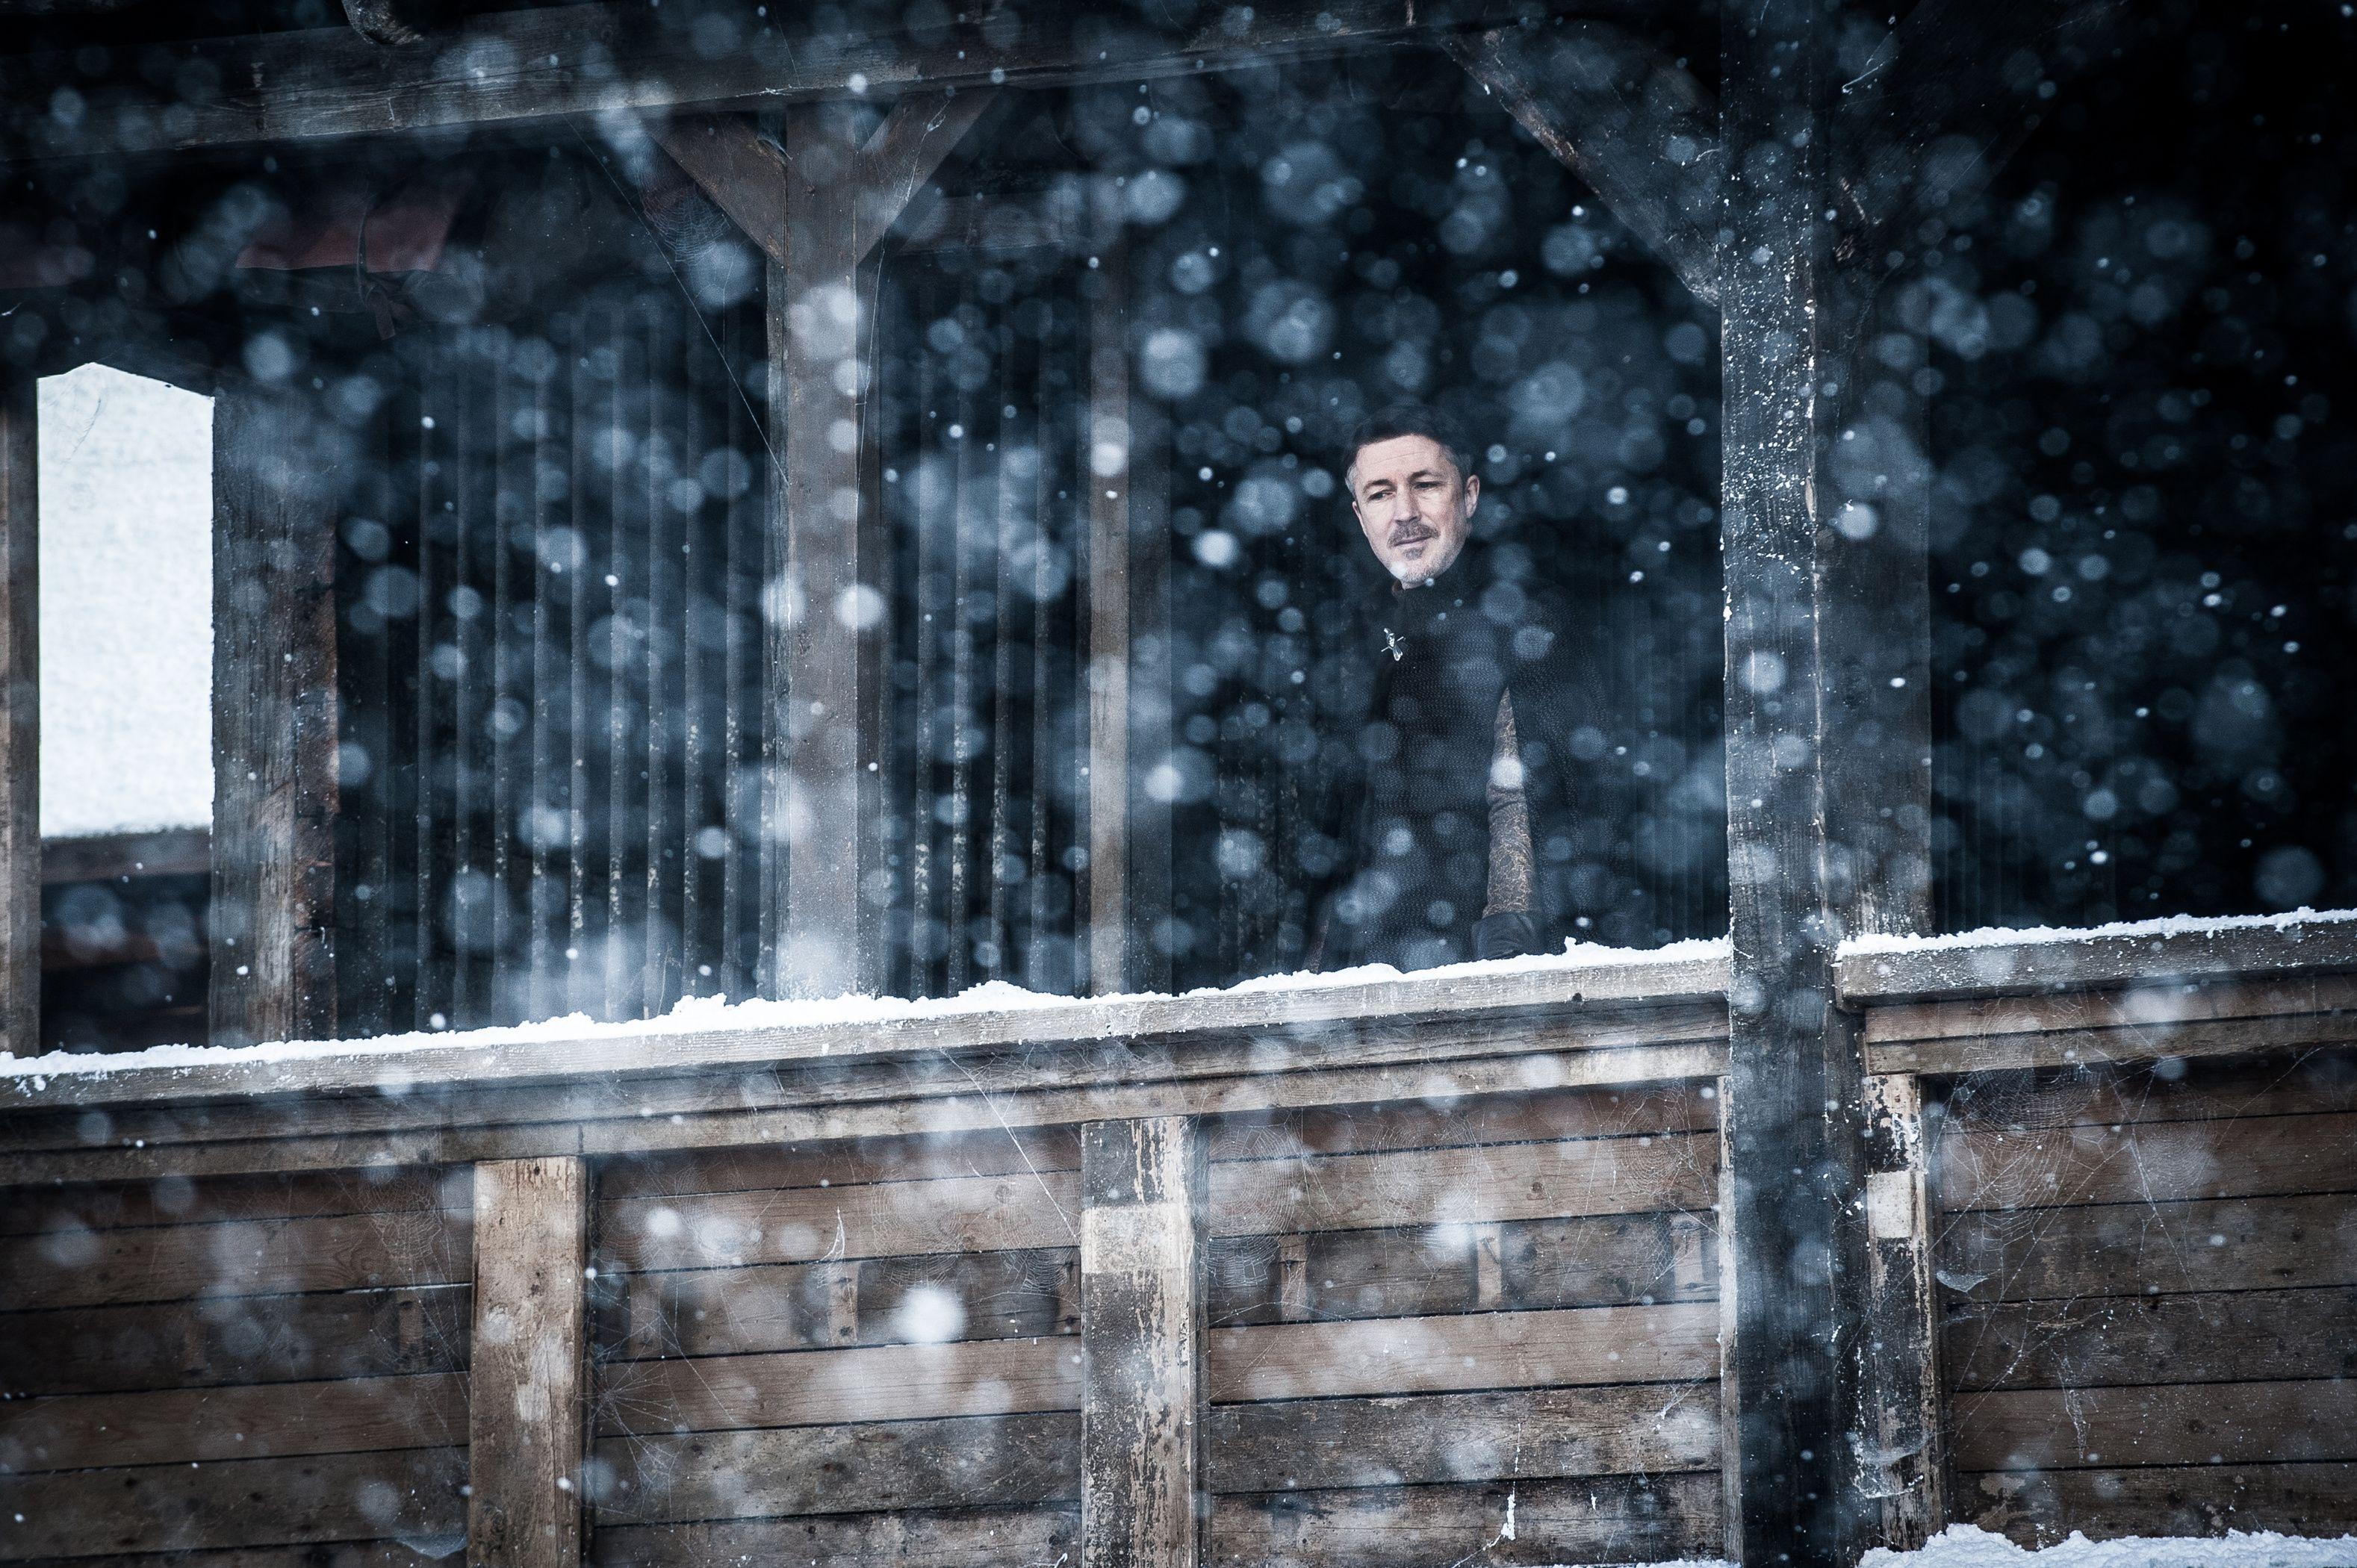 Littlefinger on Game of Thrones